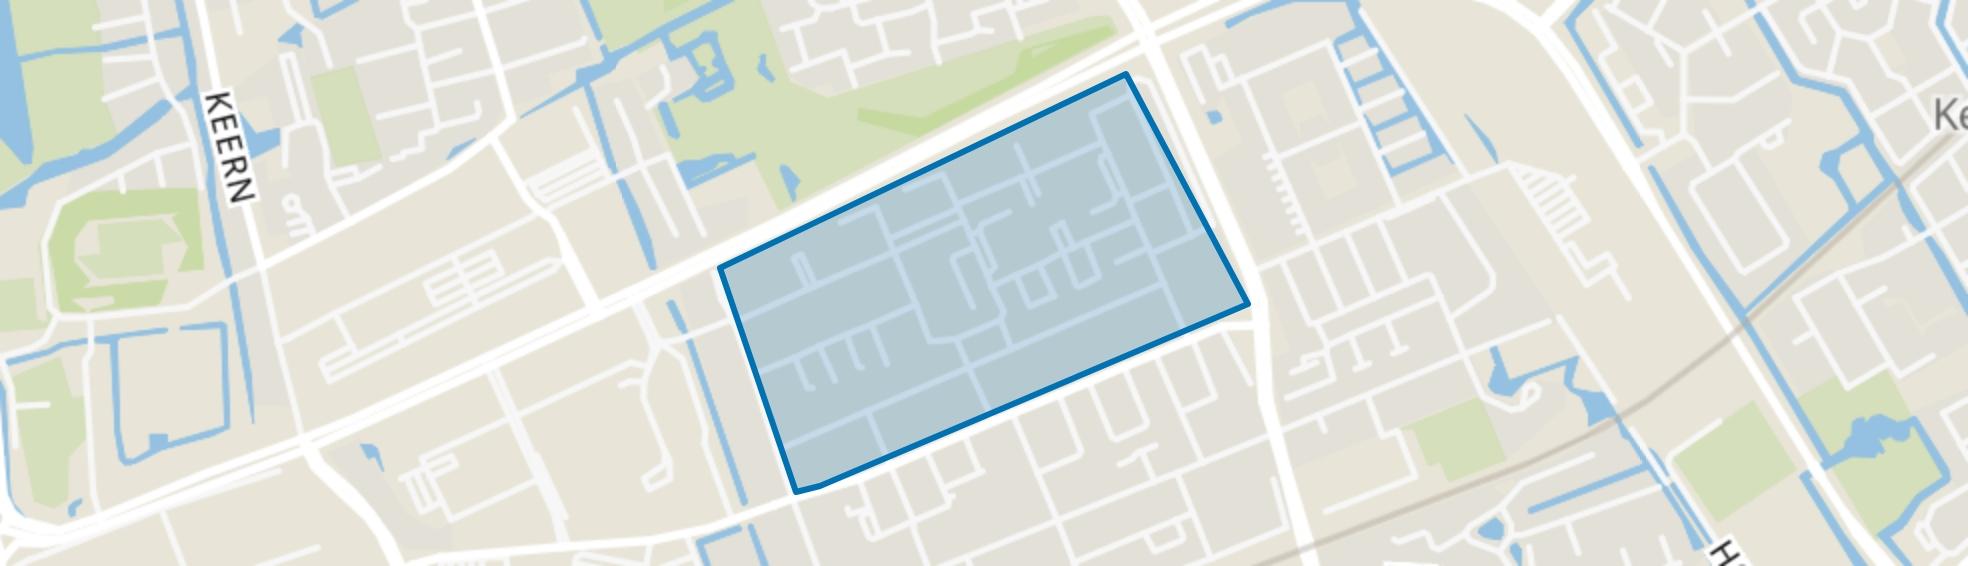 Hoorn Noord - Buurt 12 01, Hoorn (NH) map